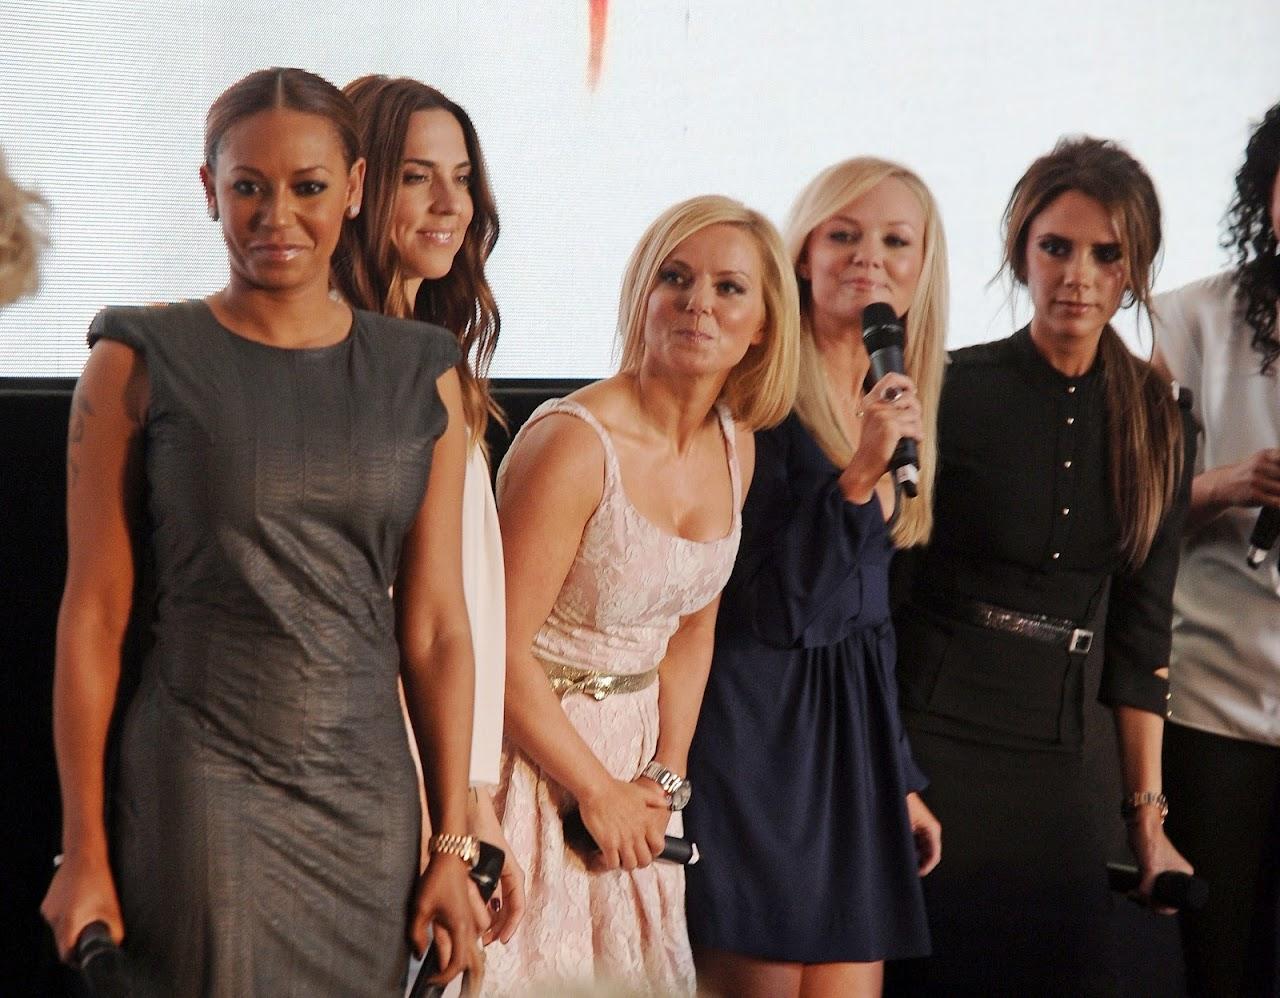 http://2.bp.blogspot.com/-g1p9Fxtpbeo/UCU6CYMoa8I/AAAAAAAAVeM/ZdNJgq1xs0U/s1600/Spice-Girls.jpg